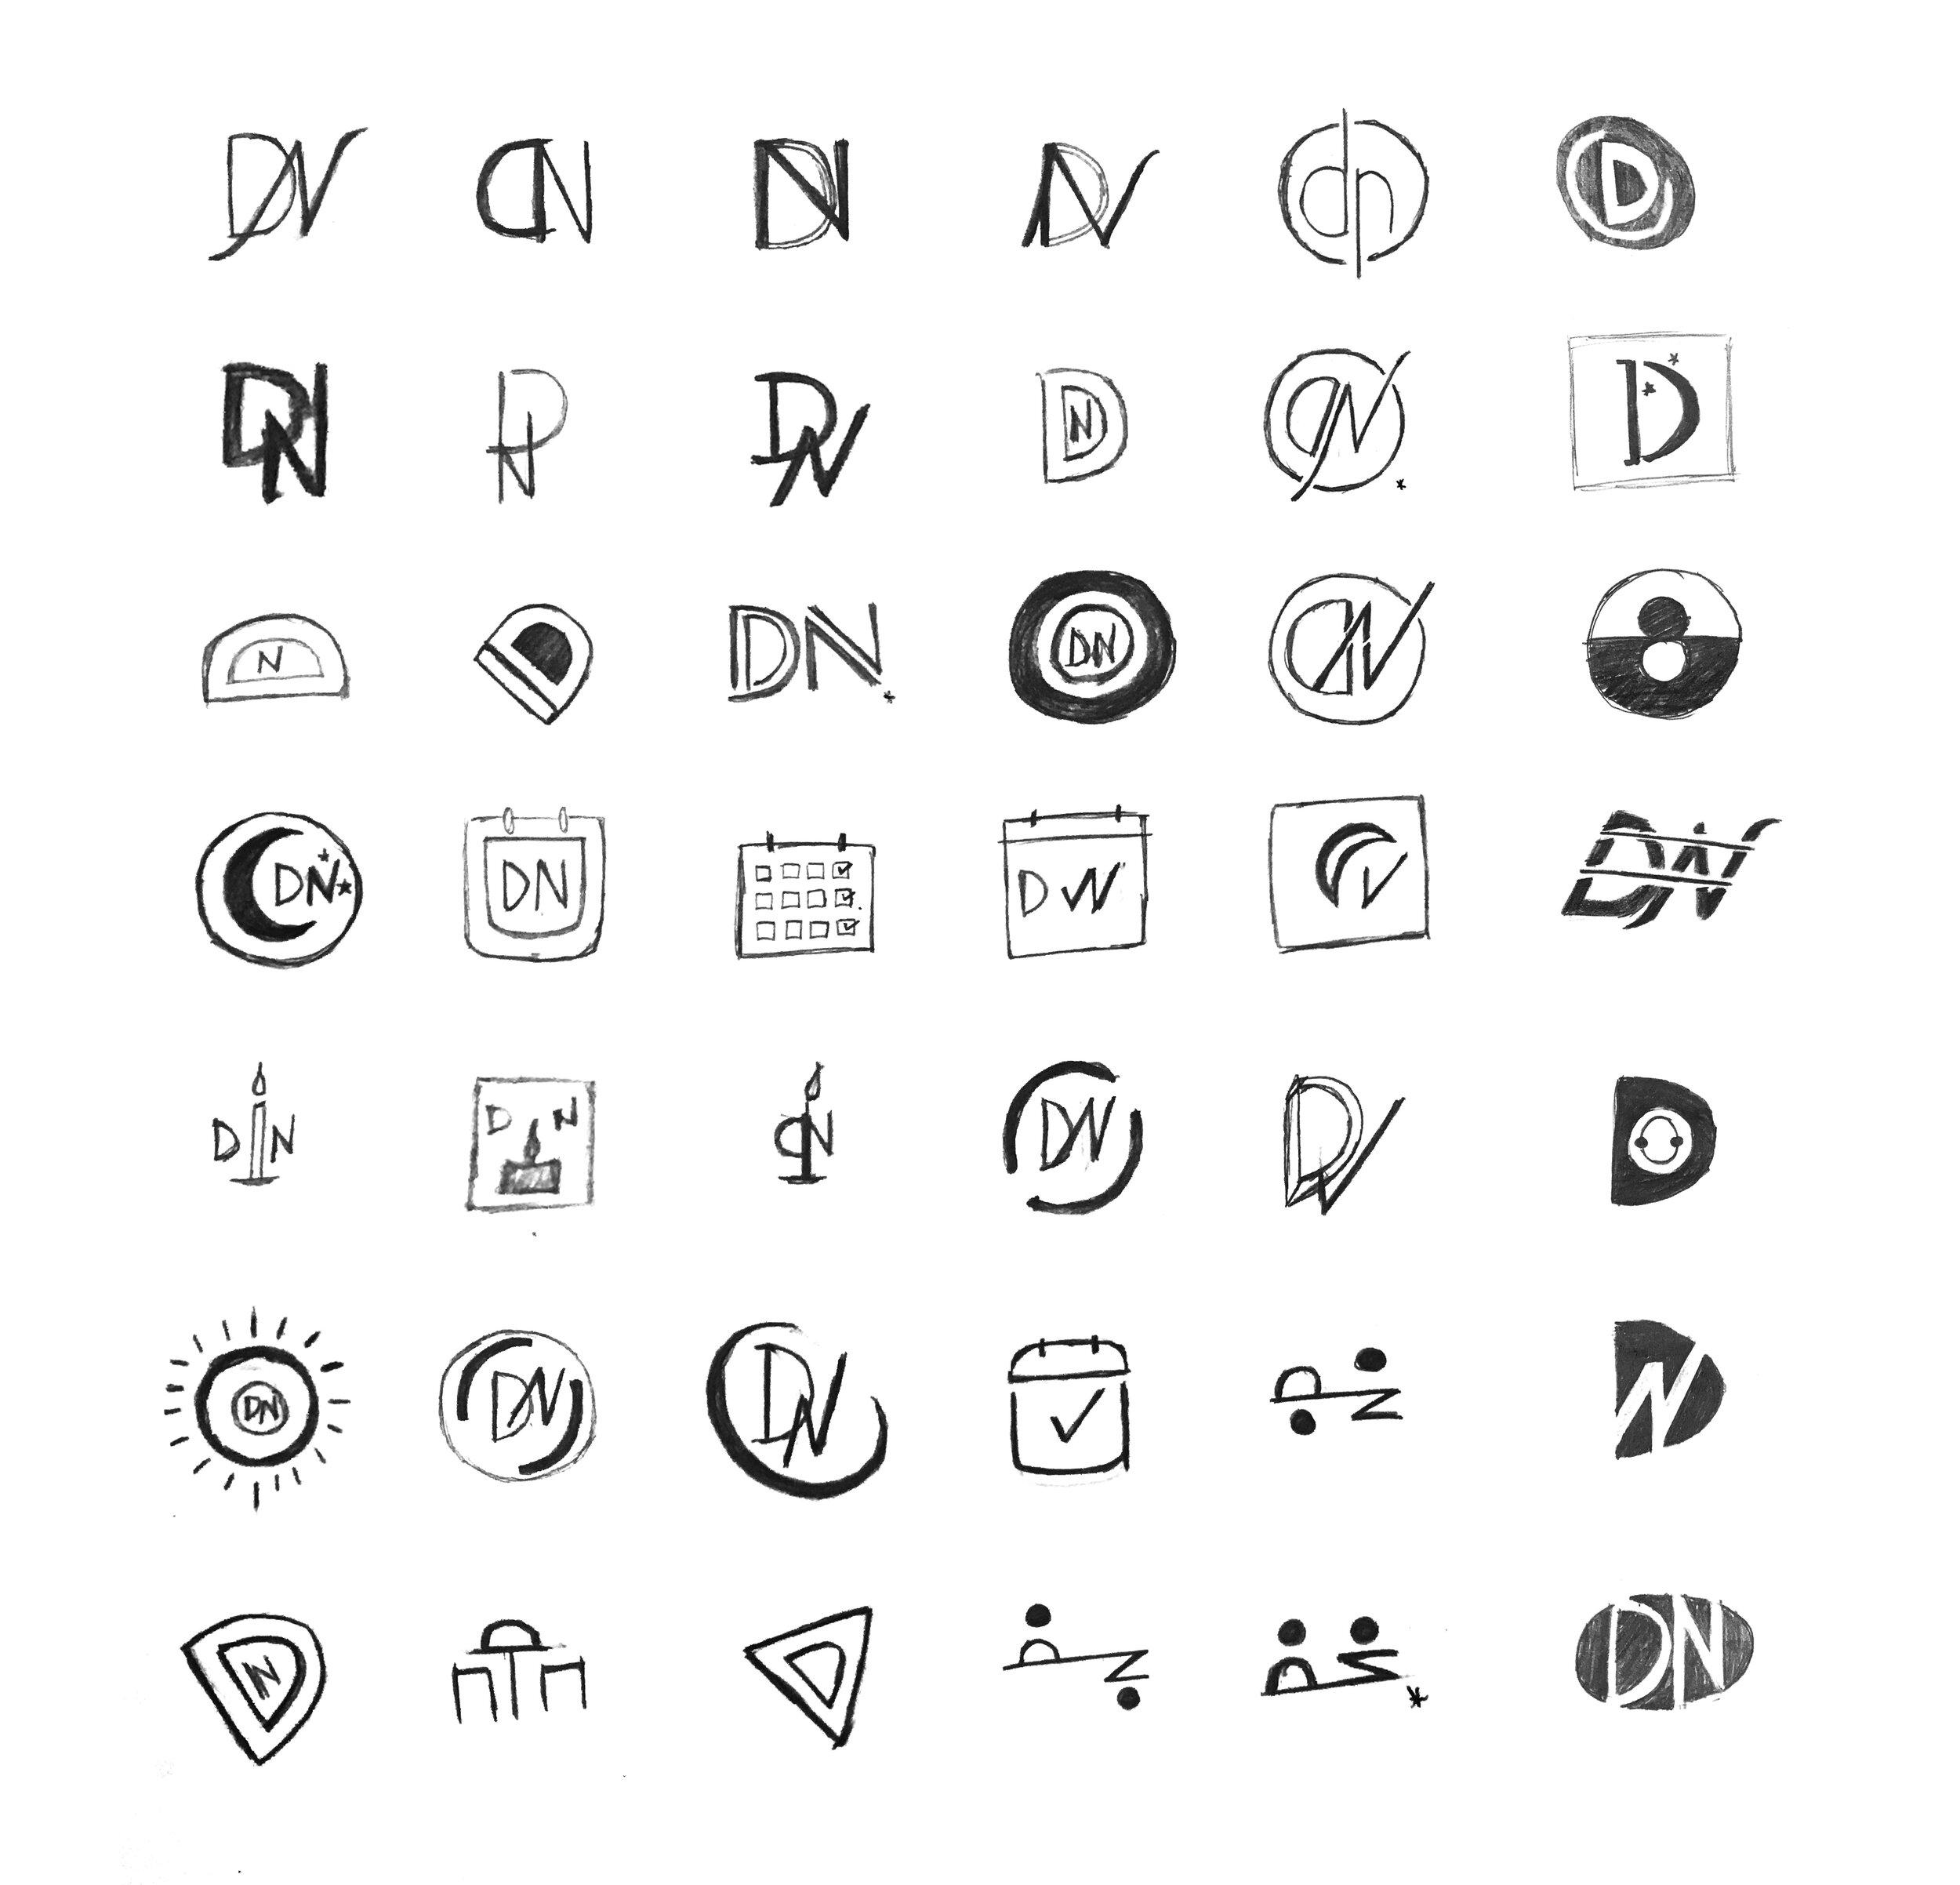 DN_logo_sketches 2.jpg